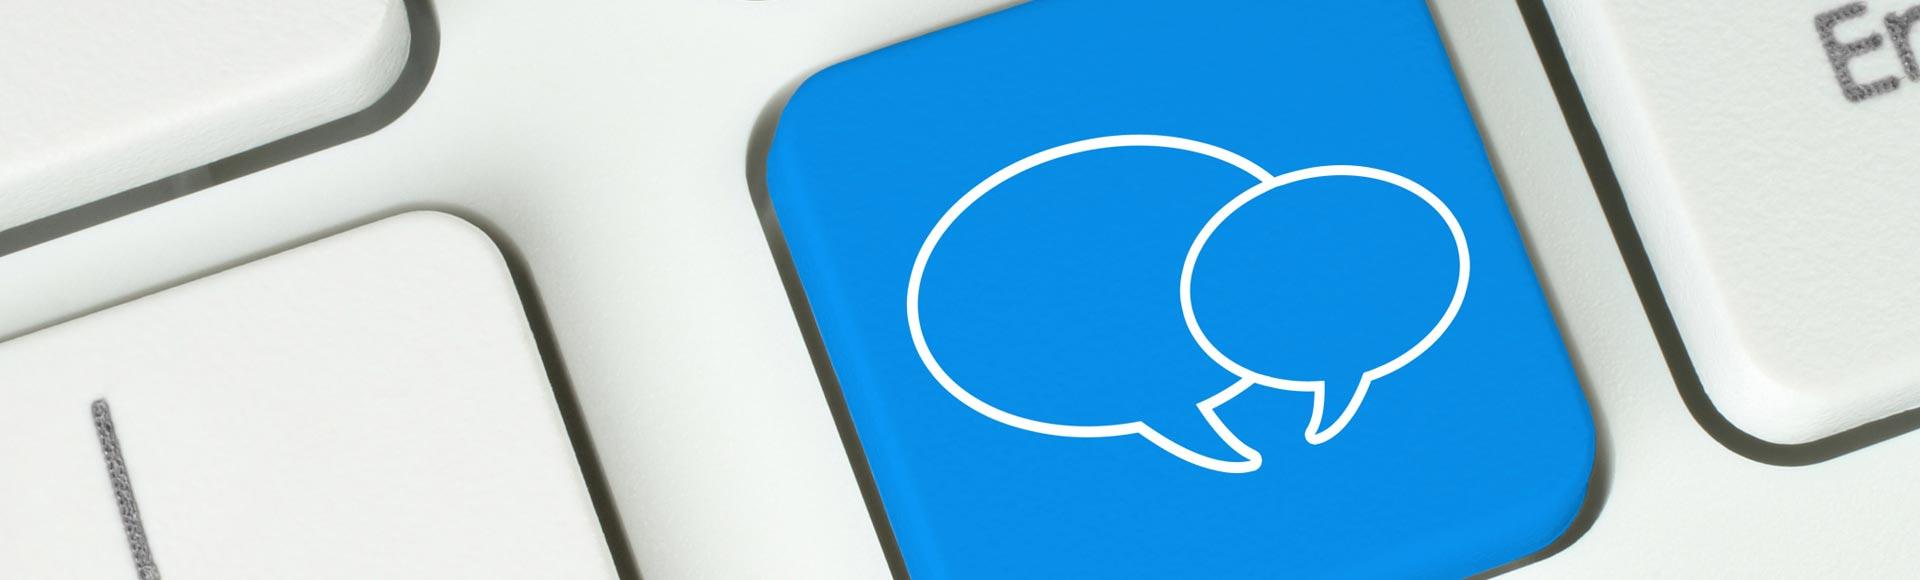 Los políticos no se relacionan en twitter: a la búsqueda de una estrategia de marketing de éxito